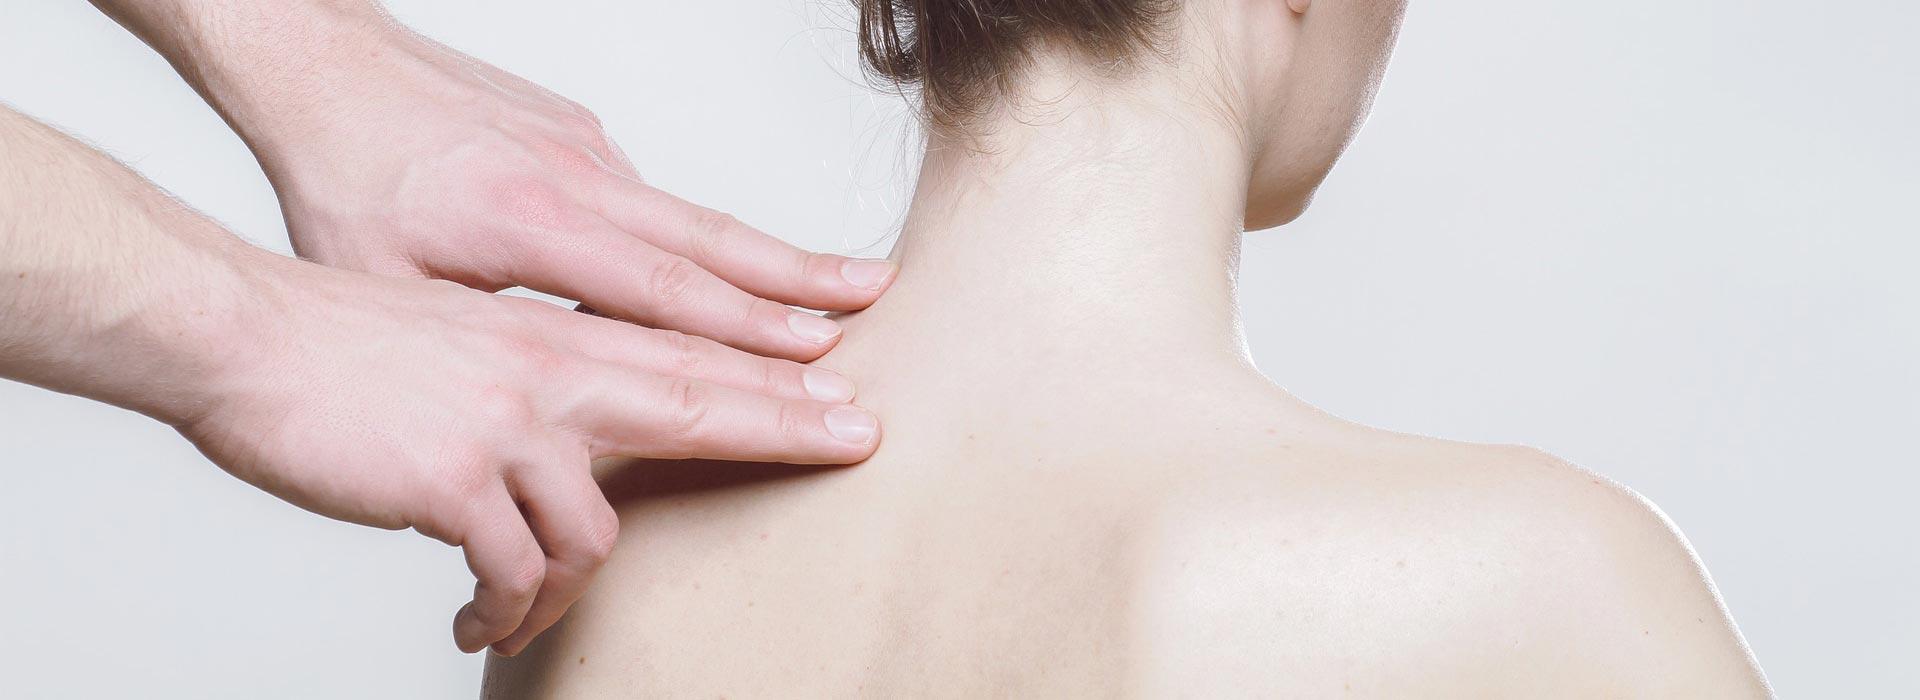 Massage für den Nacken